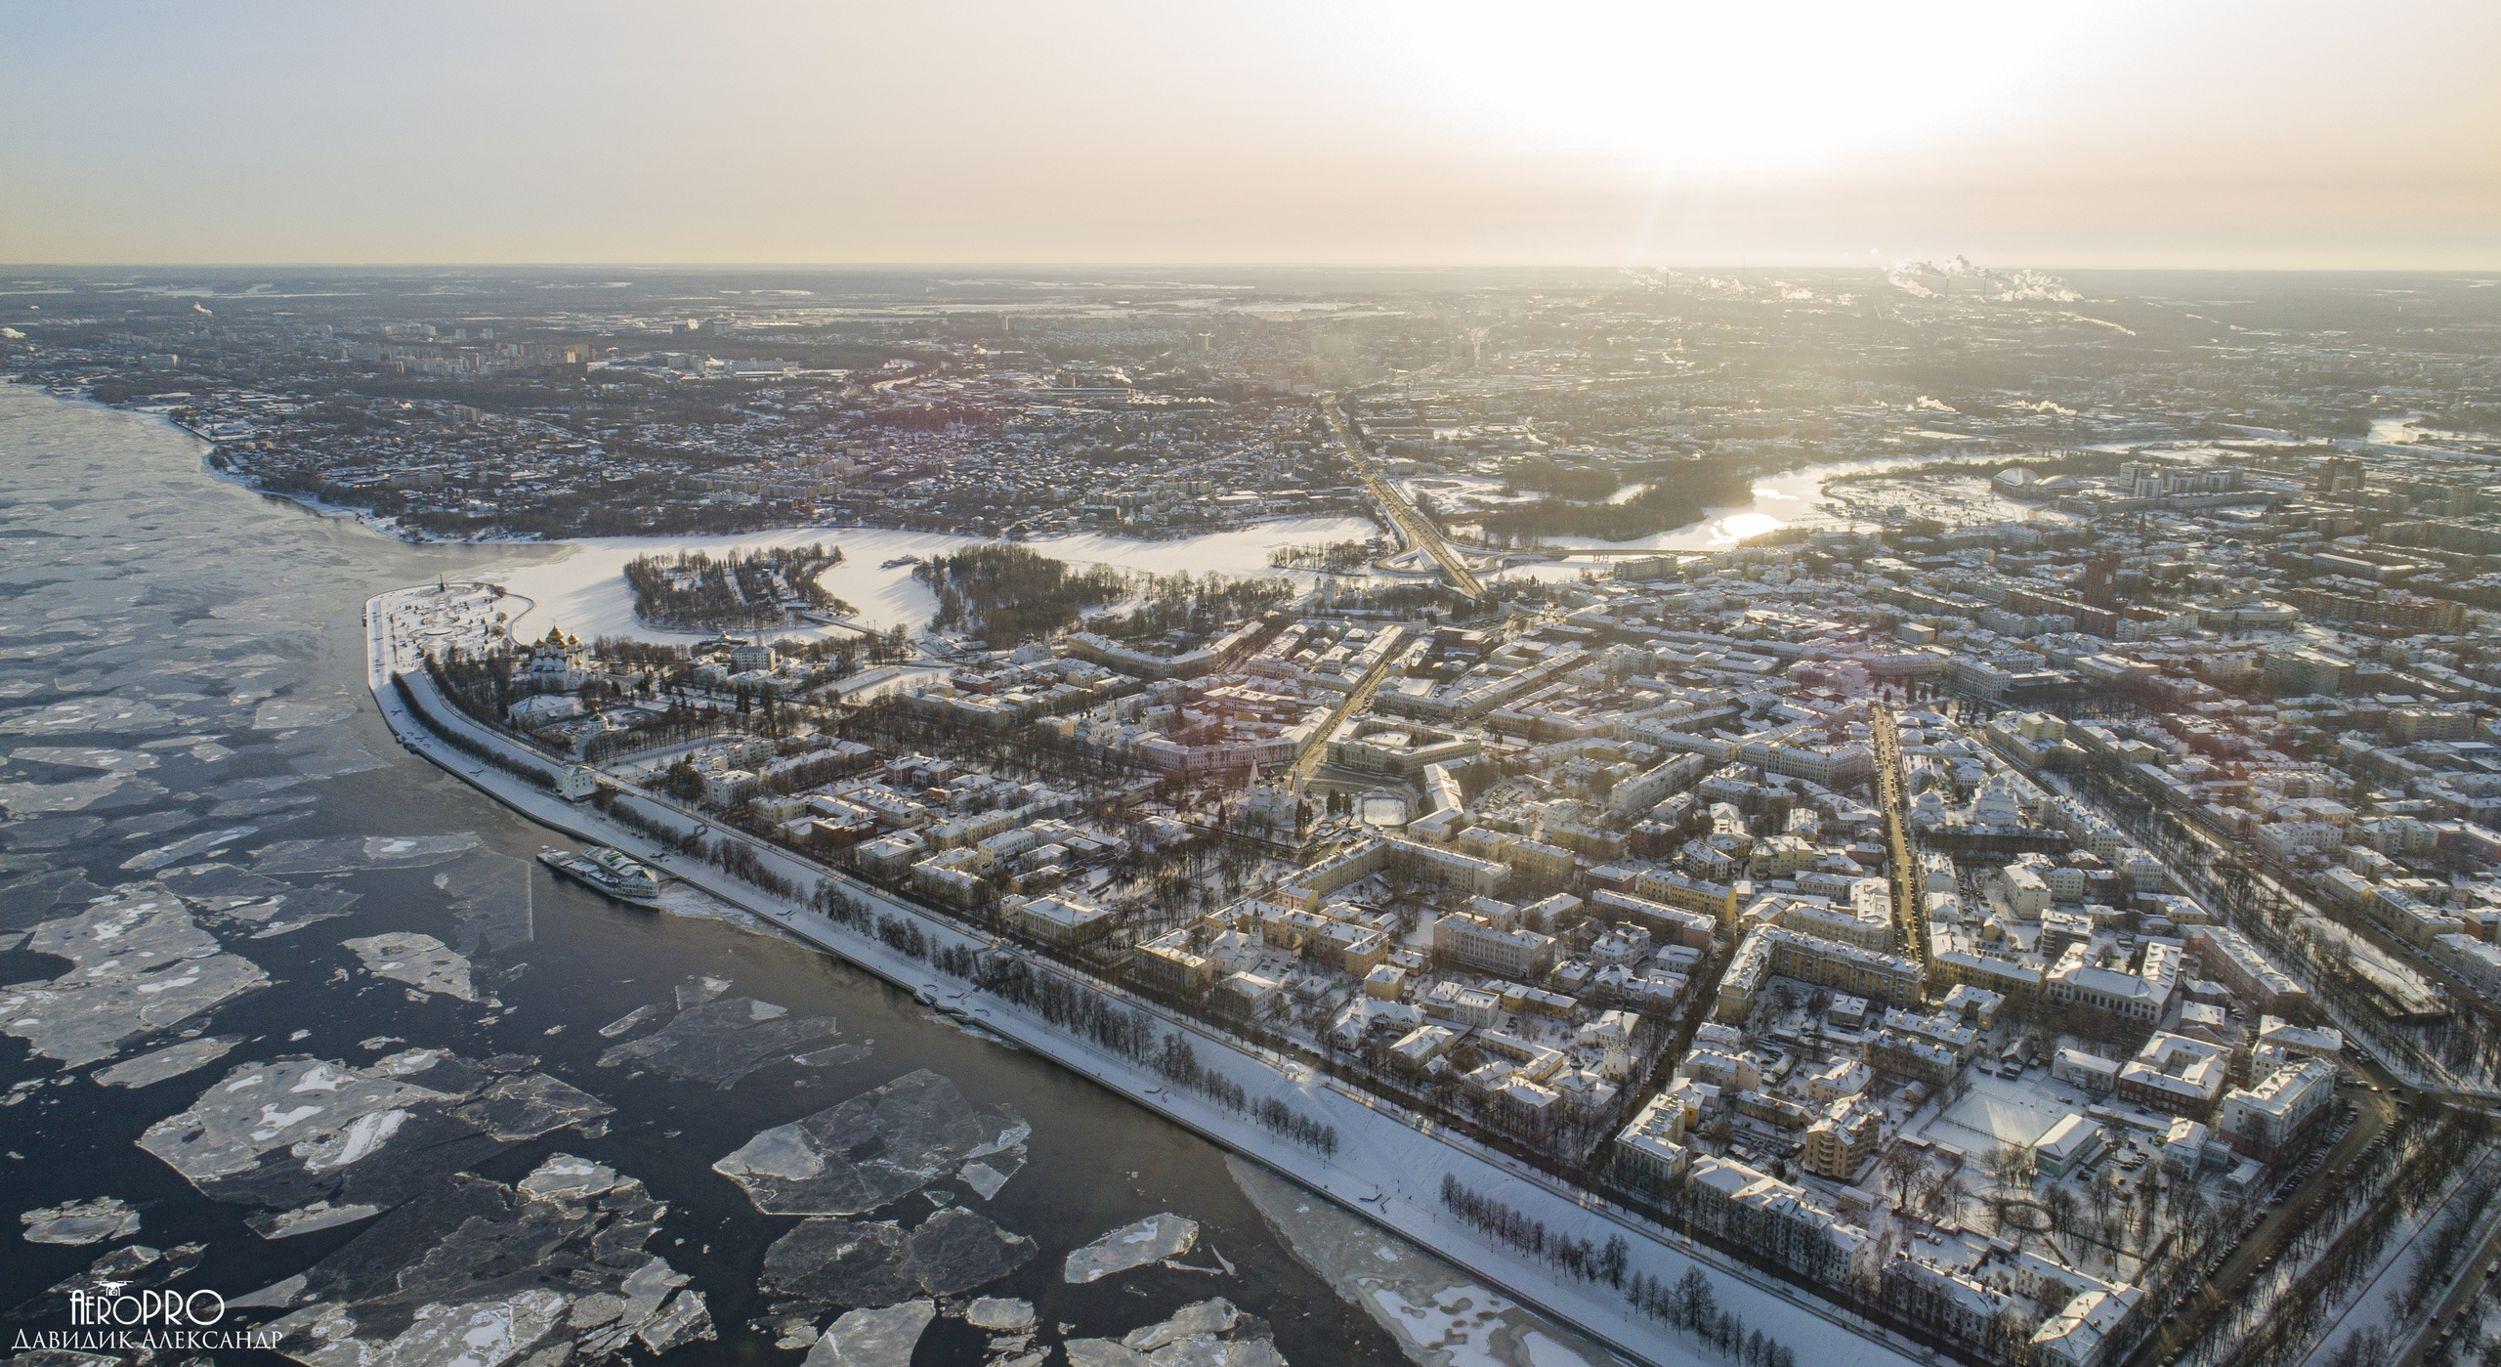 Ярославец заснял природную аномалию на Волге: видео с высоты птичьего полета